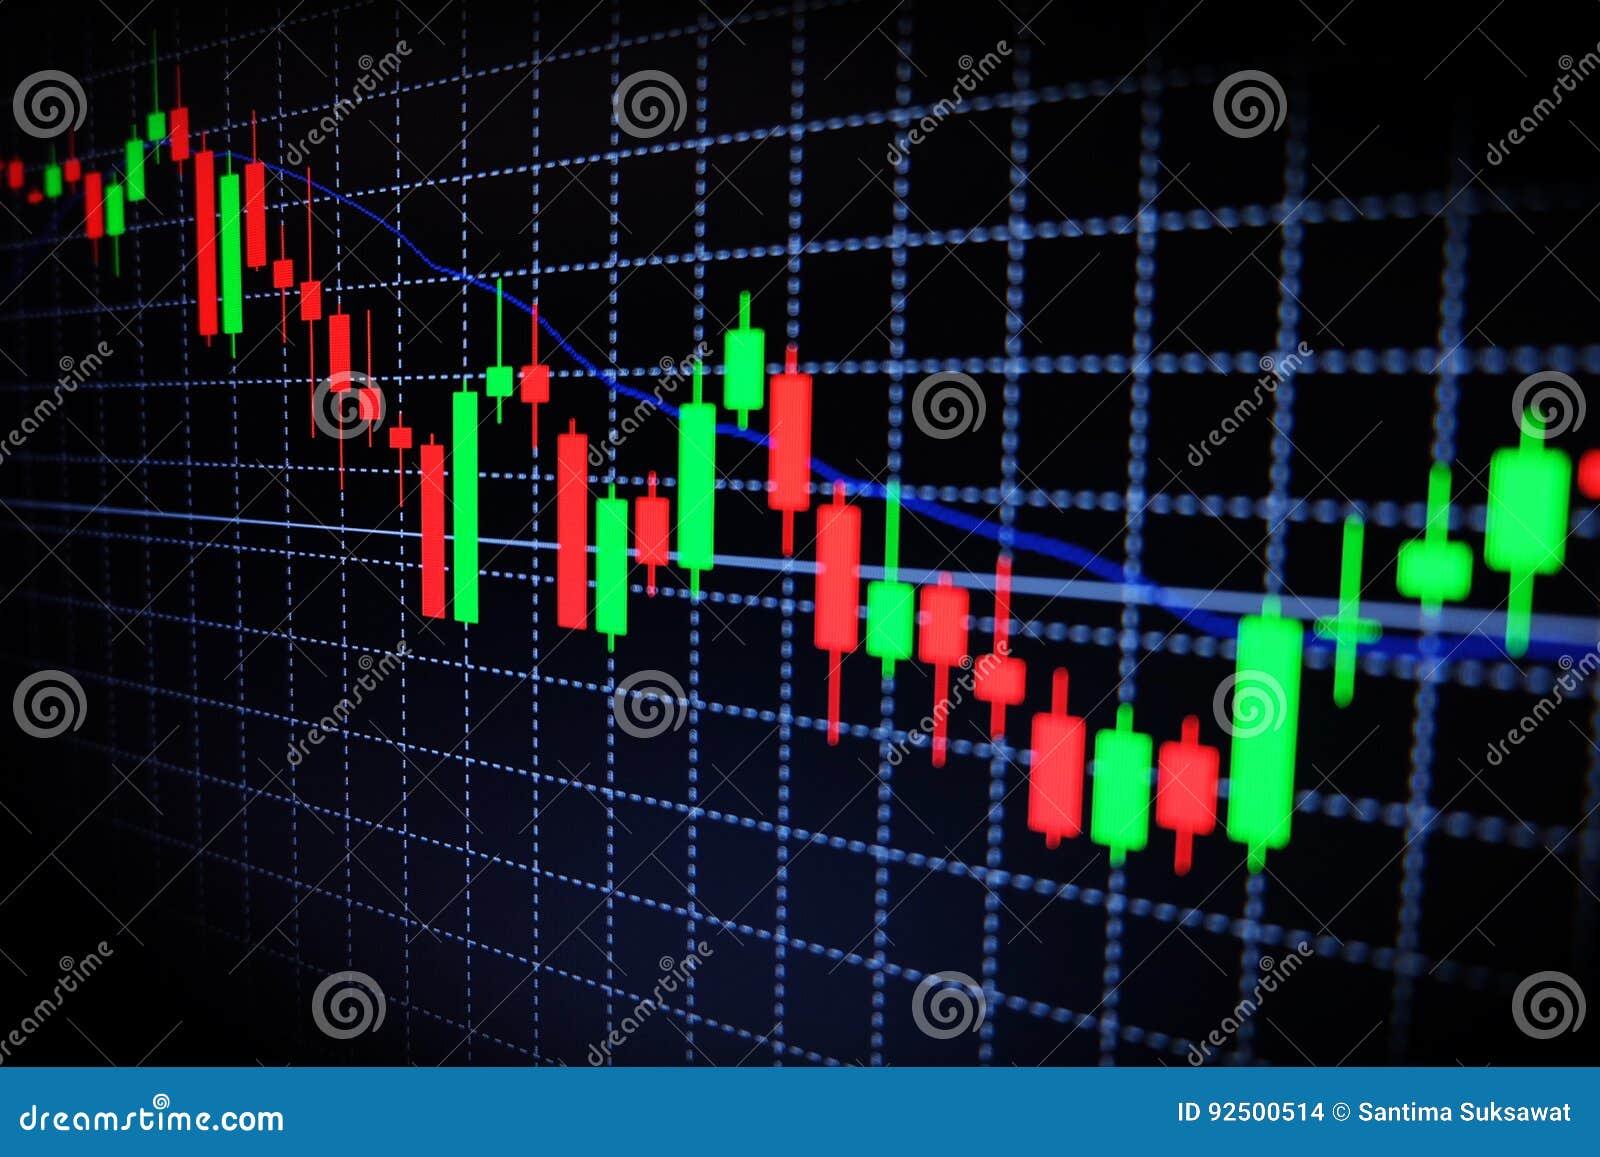 Gráfico verde y rojo del mercado de acción con el fondo negro, mercado de las divisas, negociando